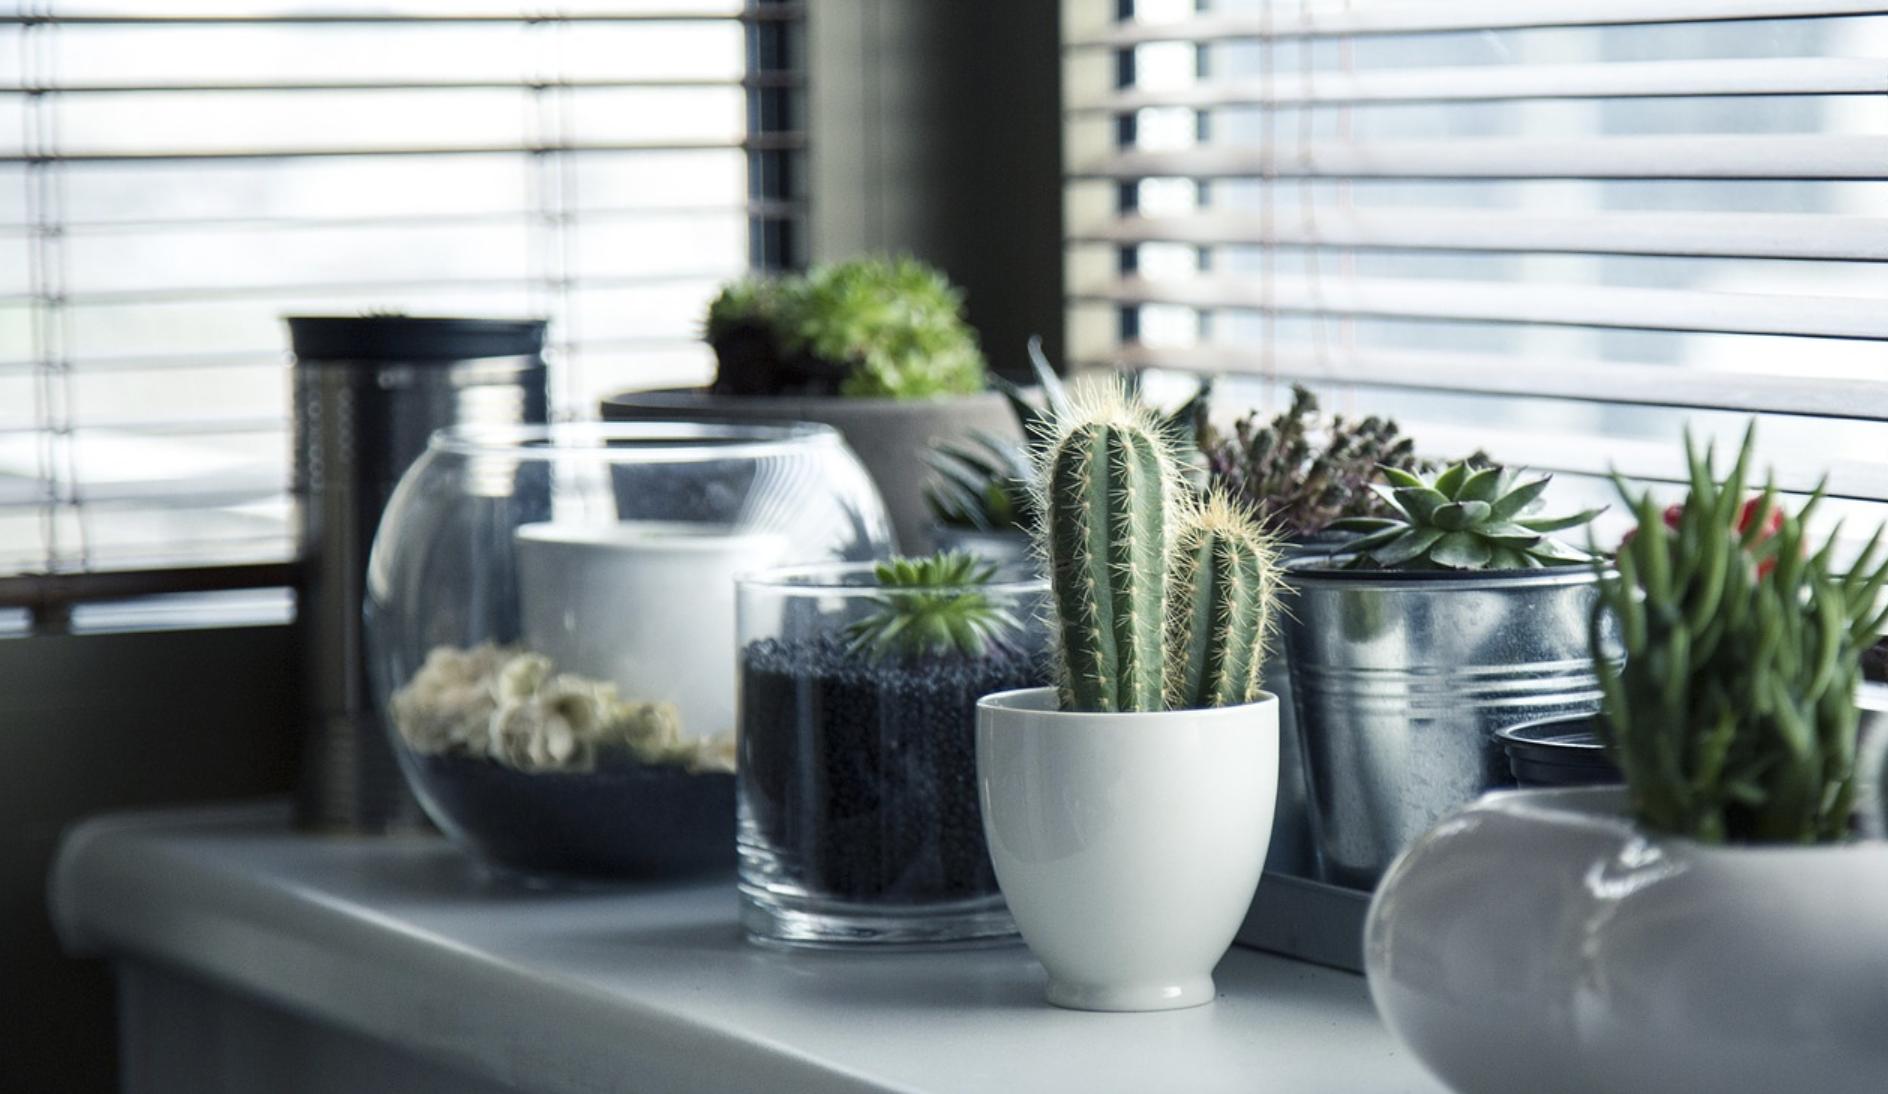 Home interiors PR agency